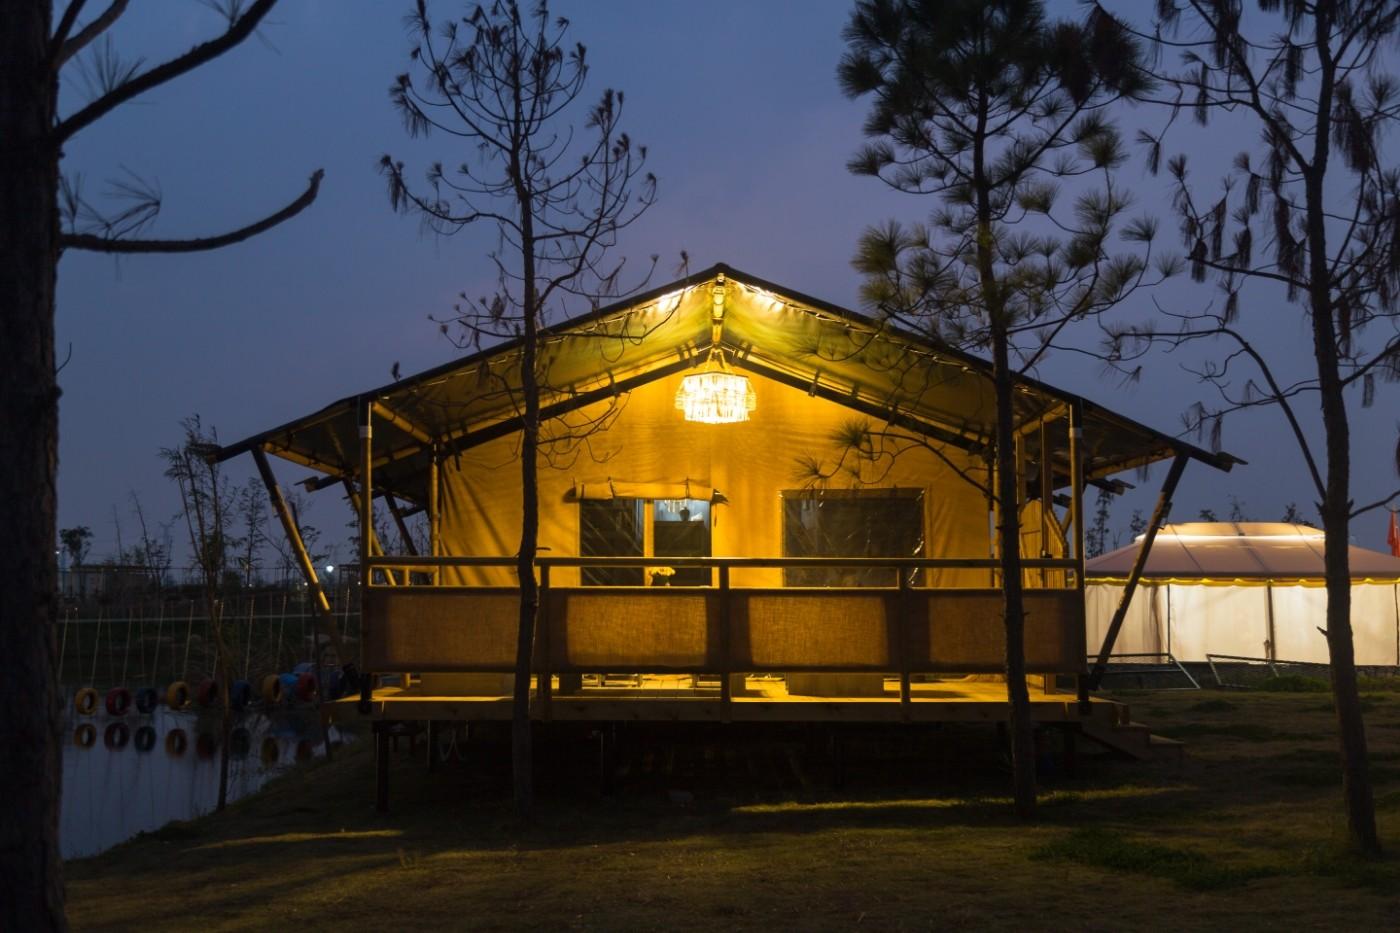 喜马拉雅野奢帐篷酒店—浙江留香之家露营地(54平)16